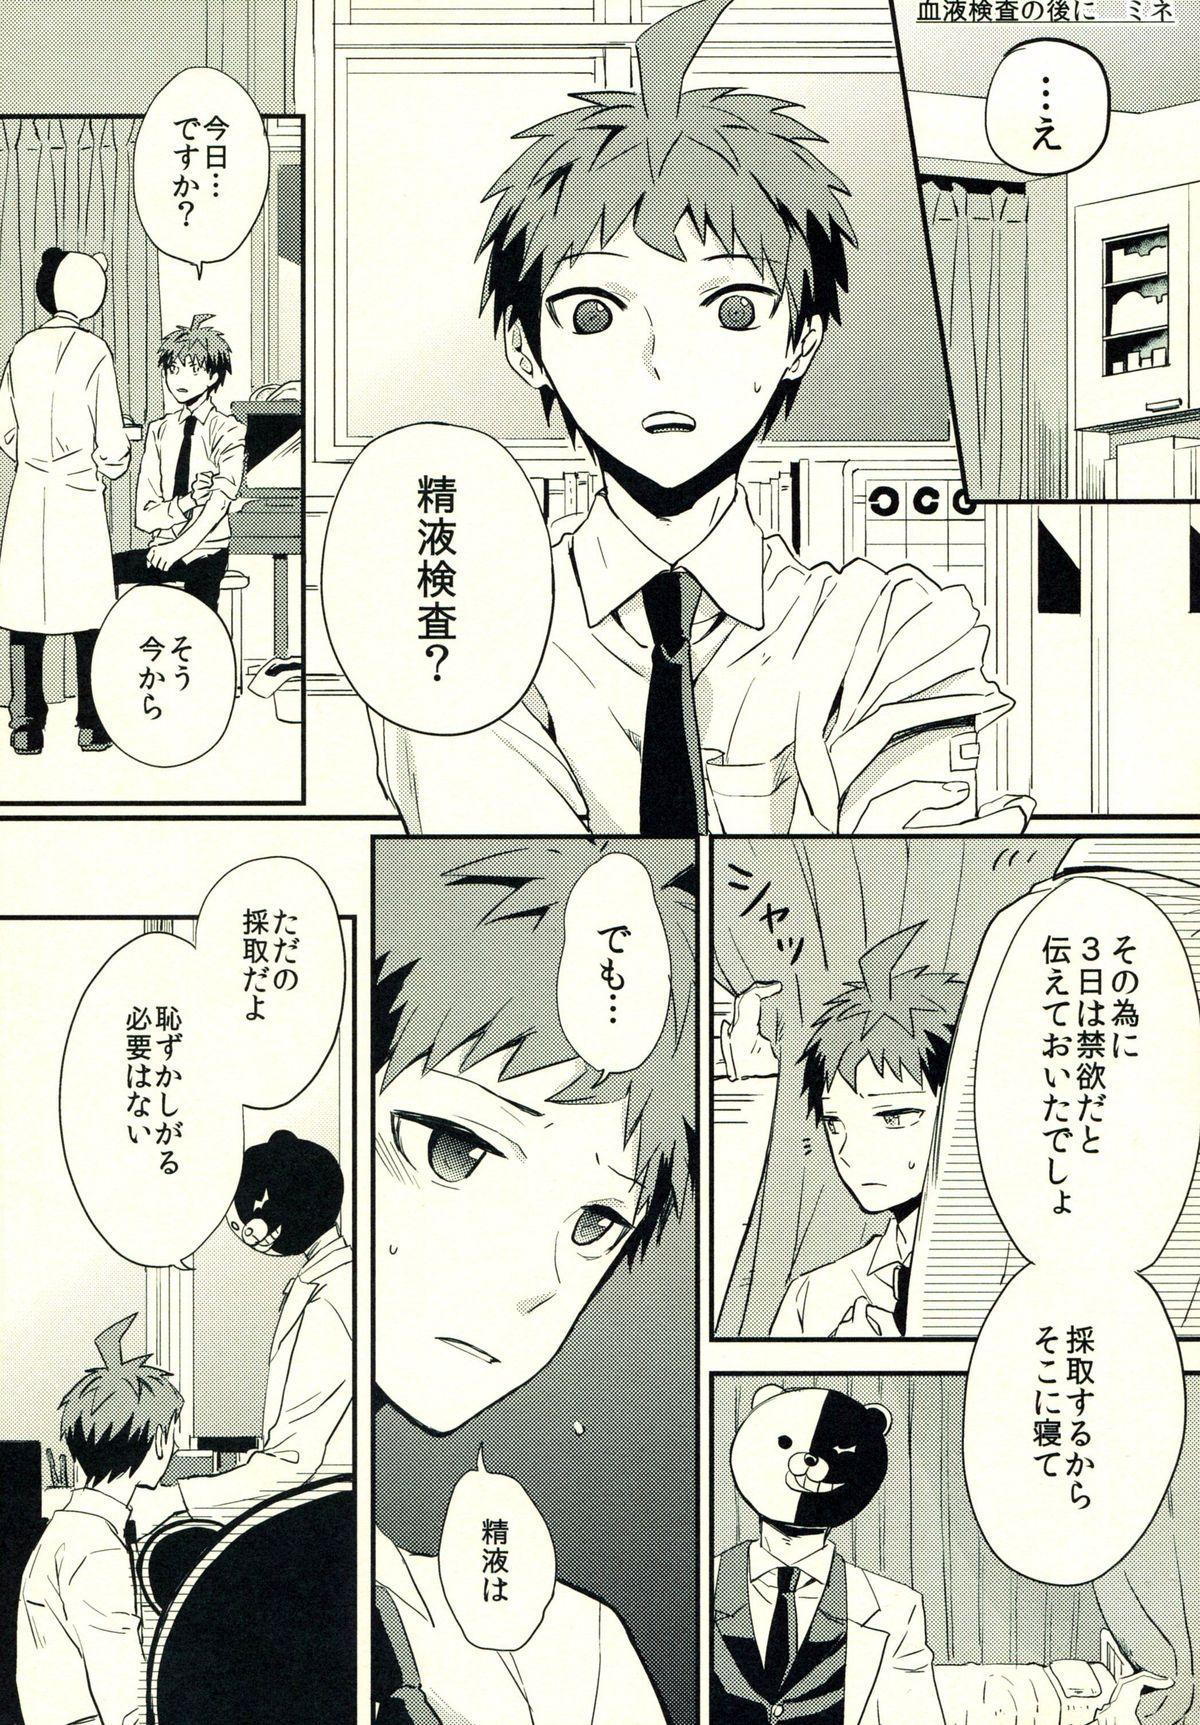 Hinata Hajime no Himitsu no Jikan 107